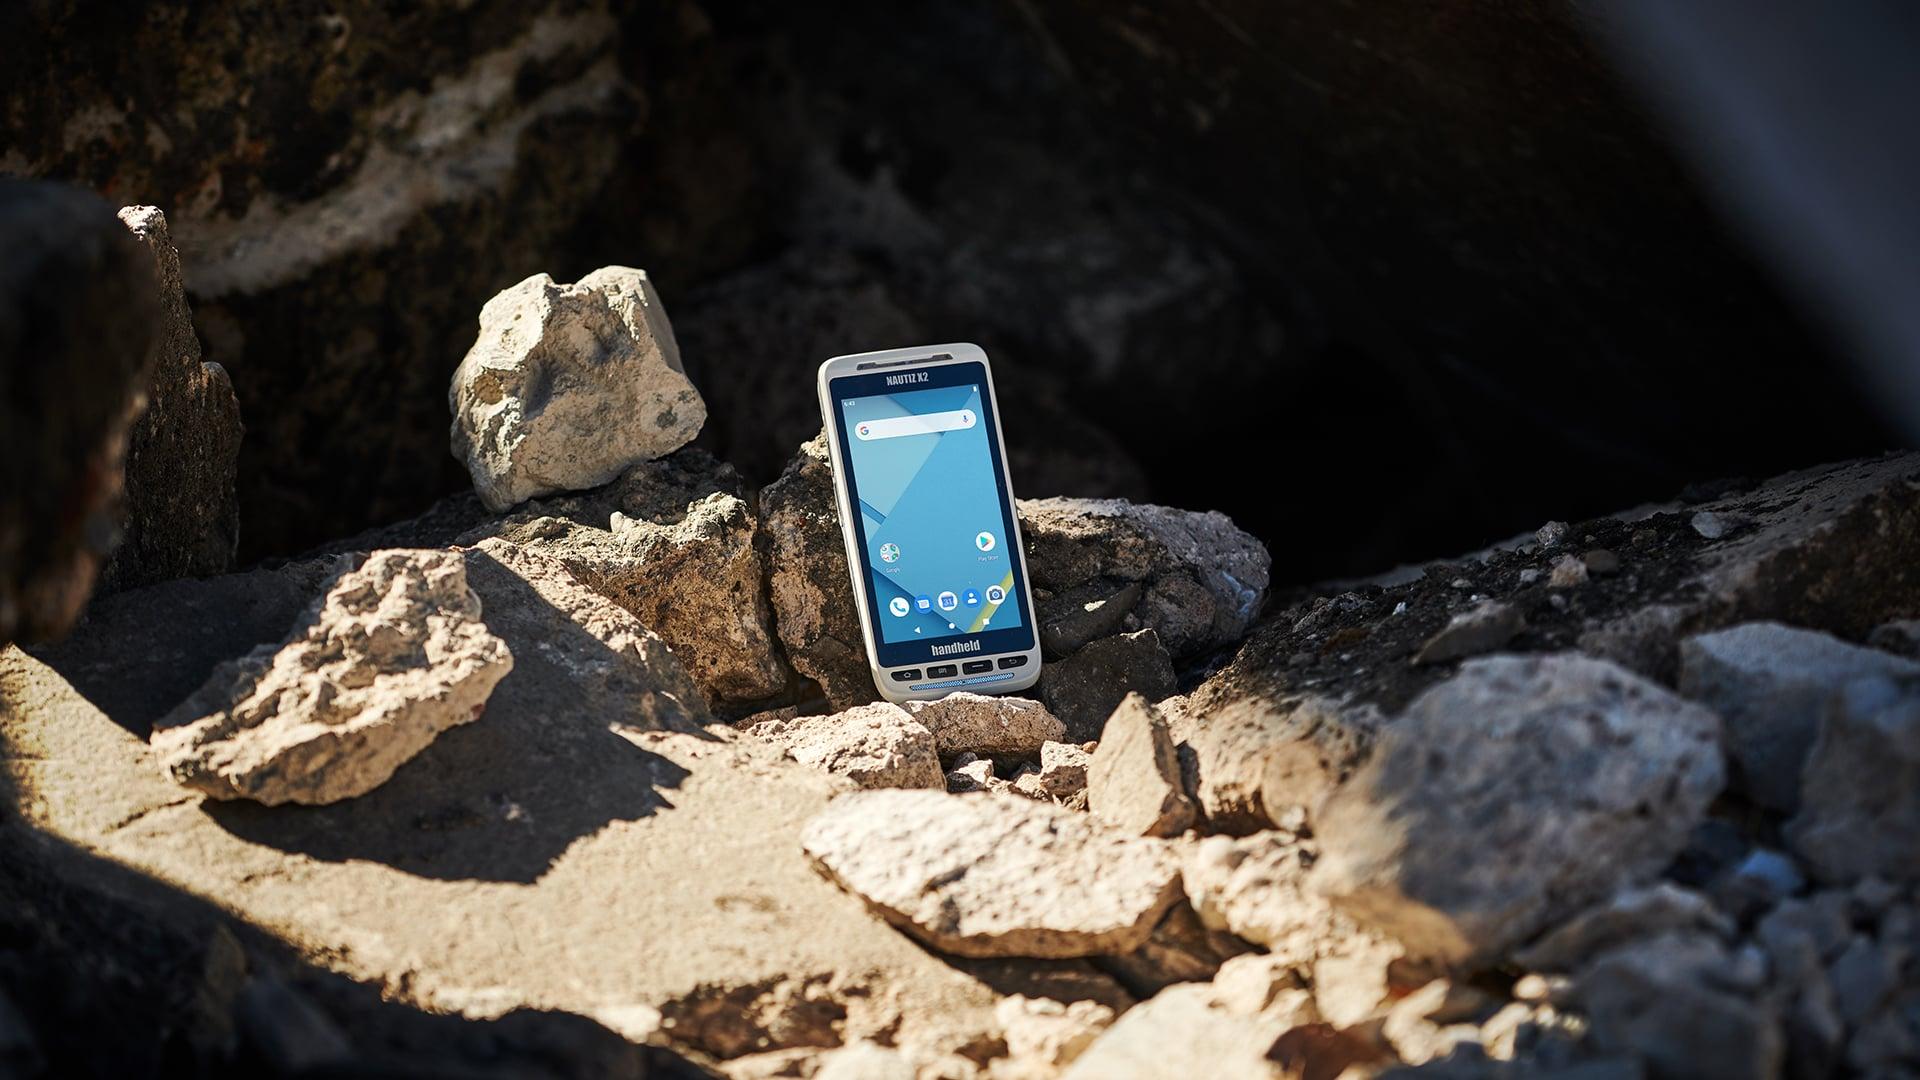 handheld nautiz x2 standing on rocks